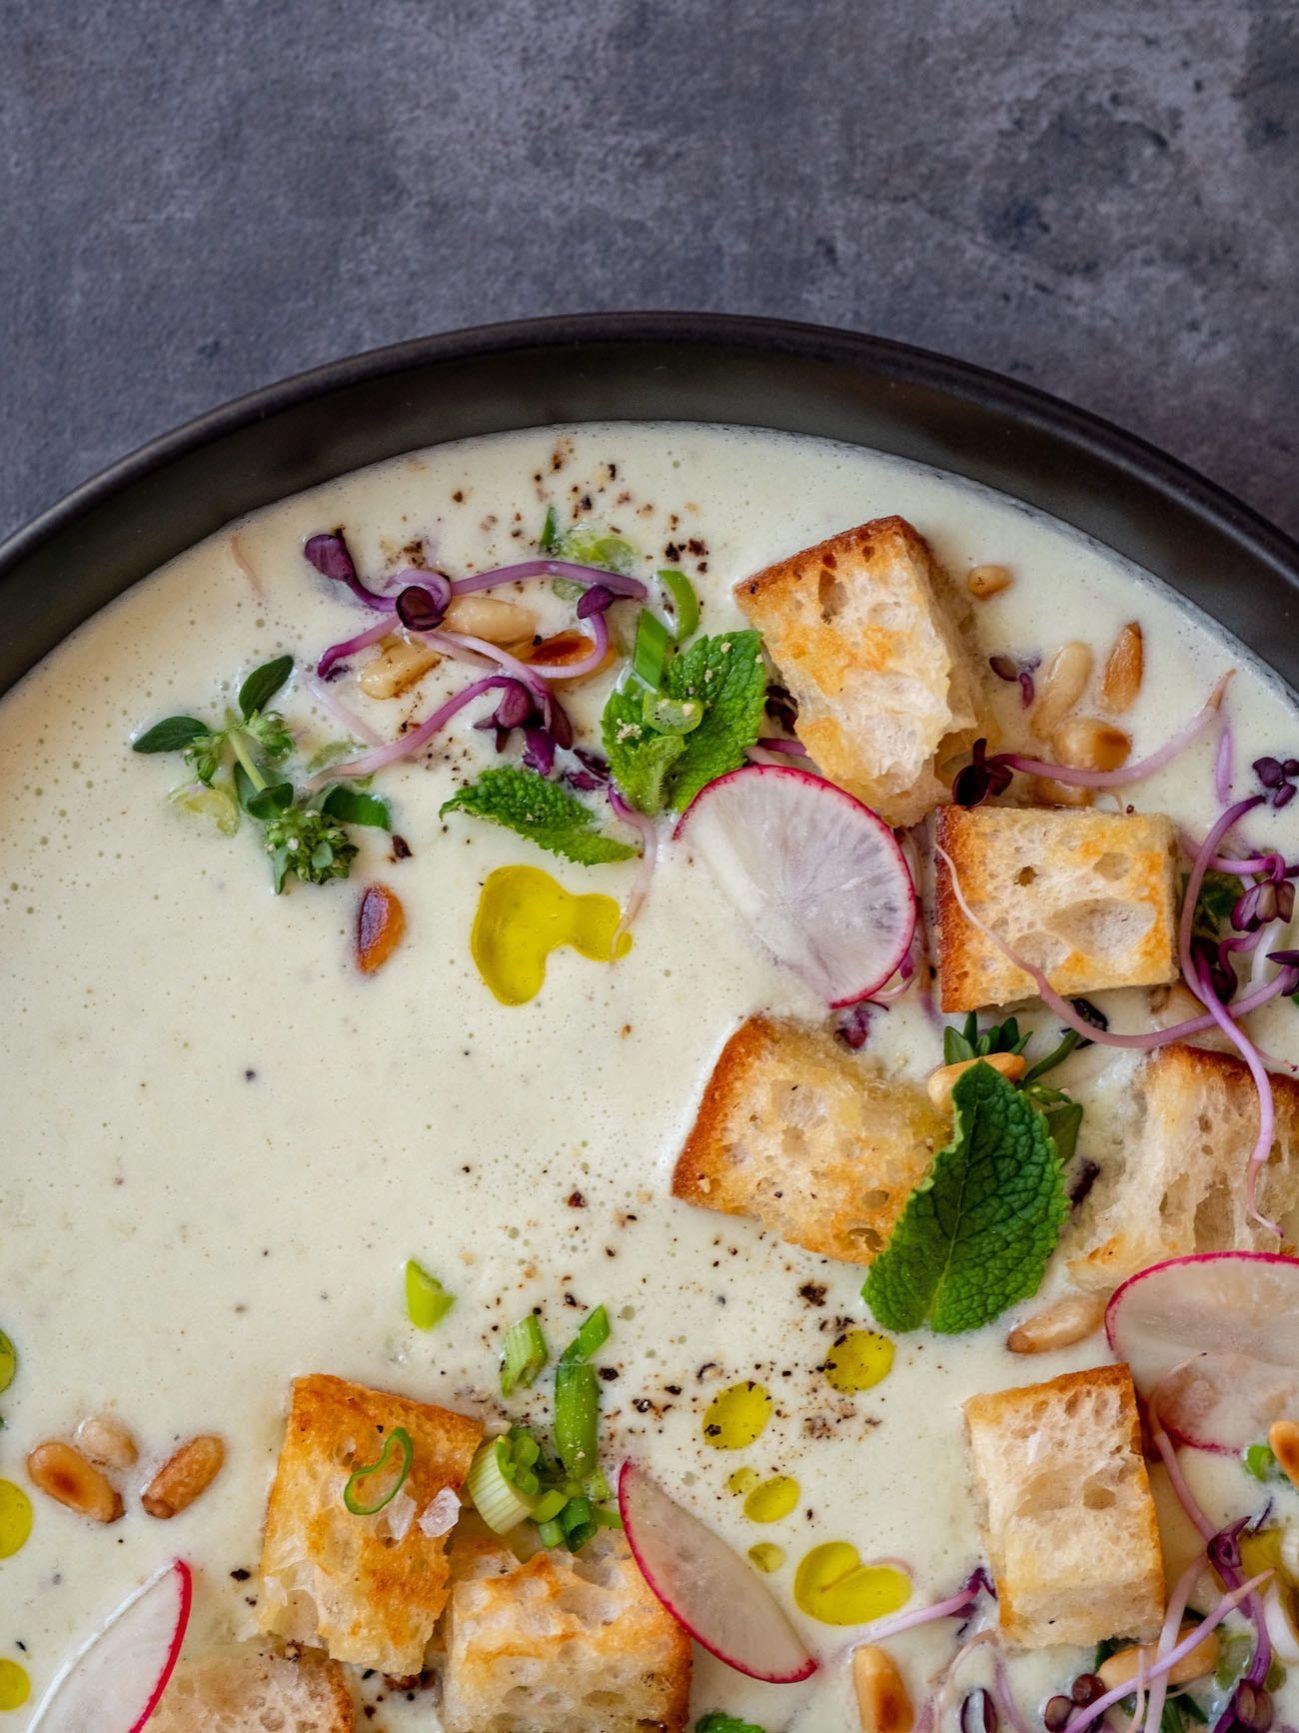 Foodblog, About Fuel, Rezept Gurken-Mandel-Gazpacho mit Croutons, Sprossen, Radieschen